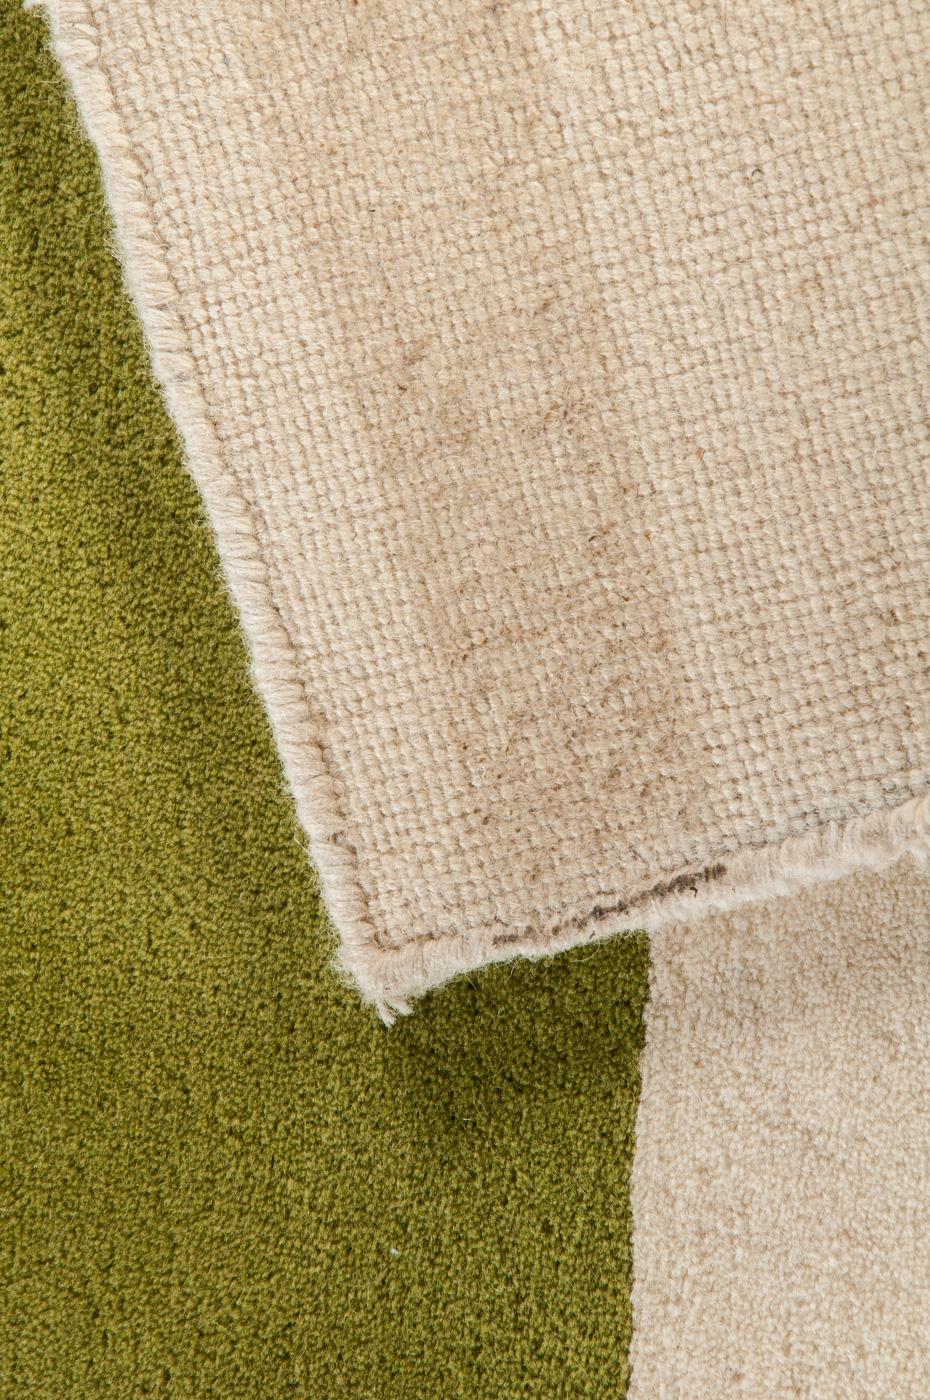 Eileen Gray, carpet model 'Kilkenny' for Aram Designs, 203 x 238 cm